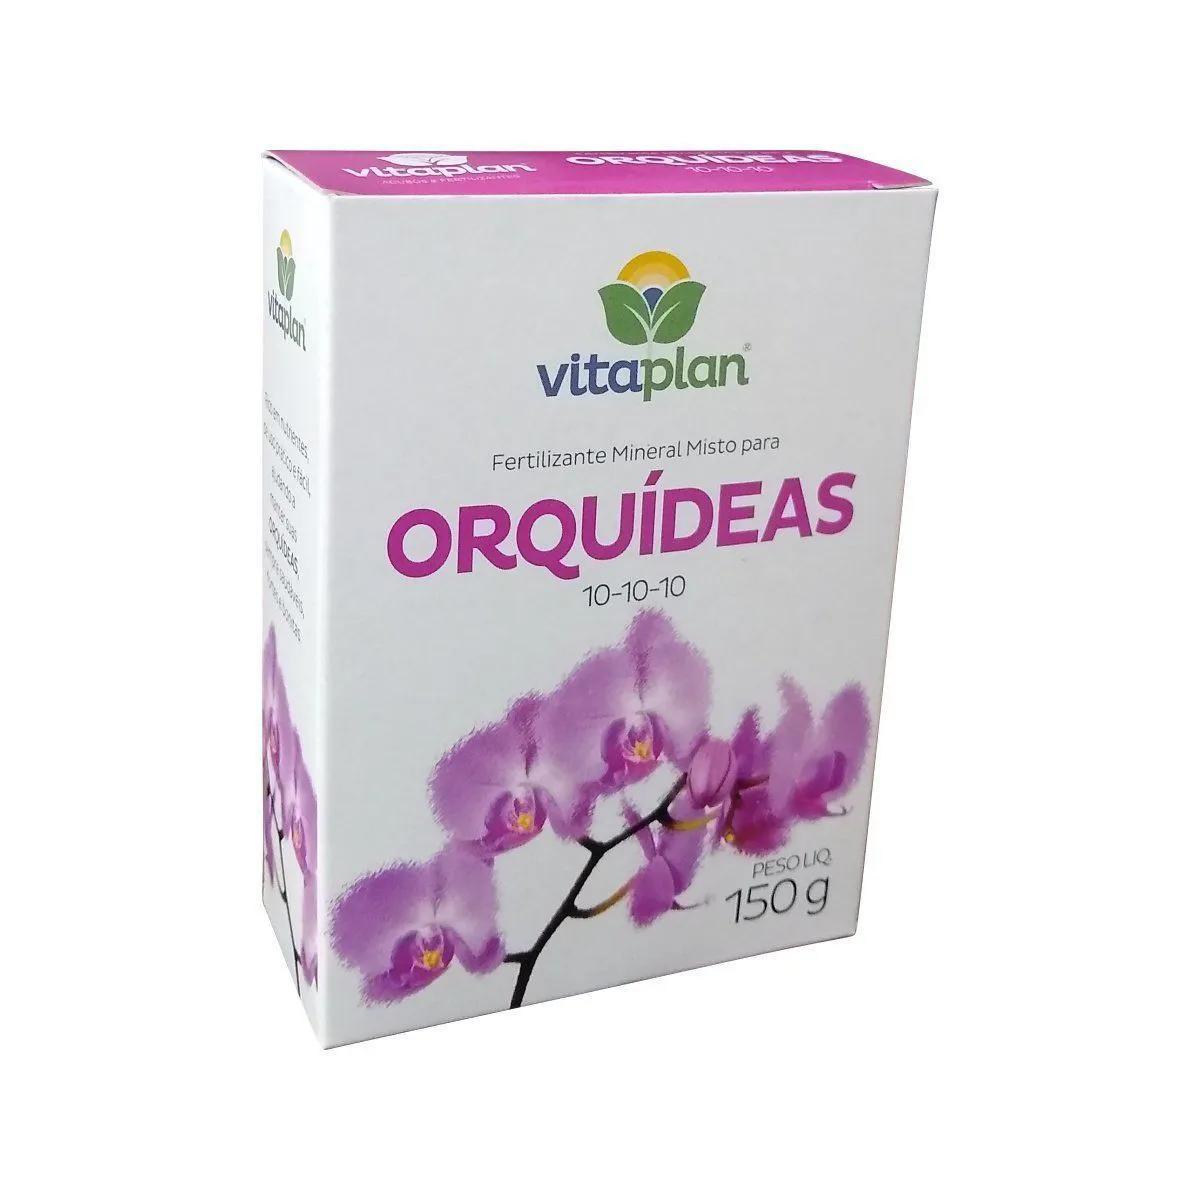 Vitaplan Fertilizante Para Orquídias 150g